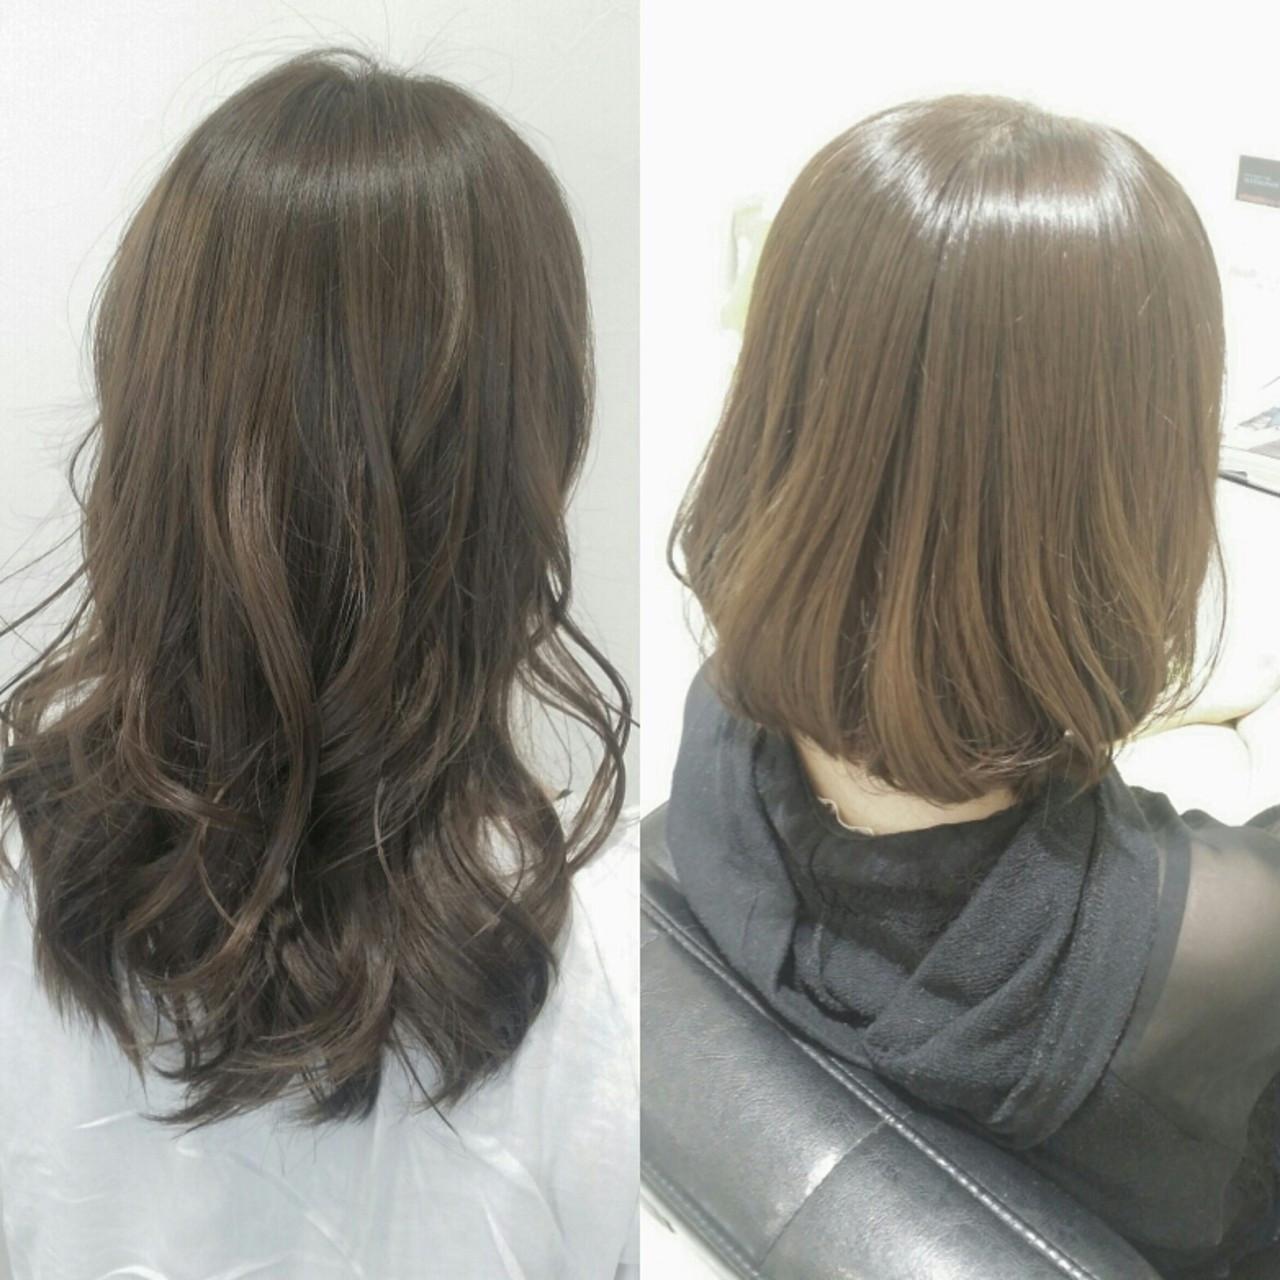 艶髪 ナチュラル アッシュ イルミナカラー ヘアスタイルや髪型の写真・画像